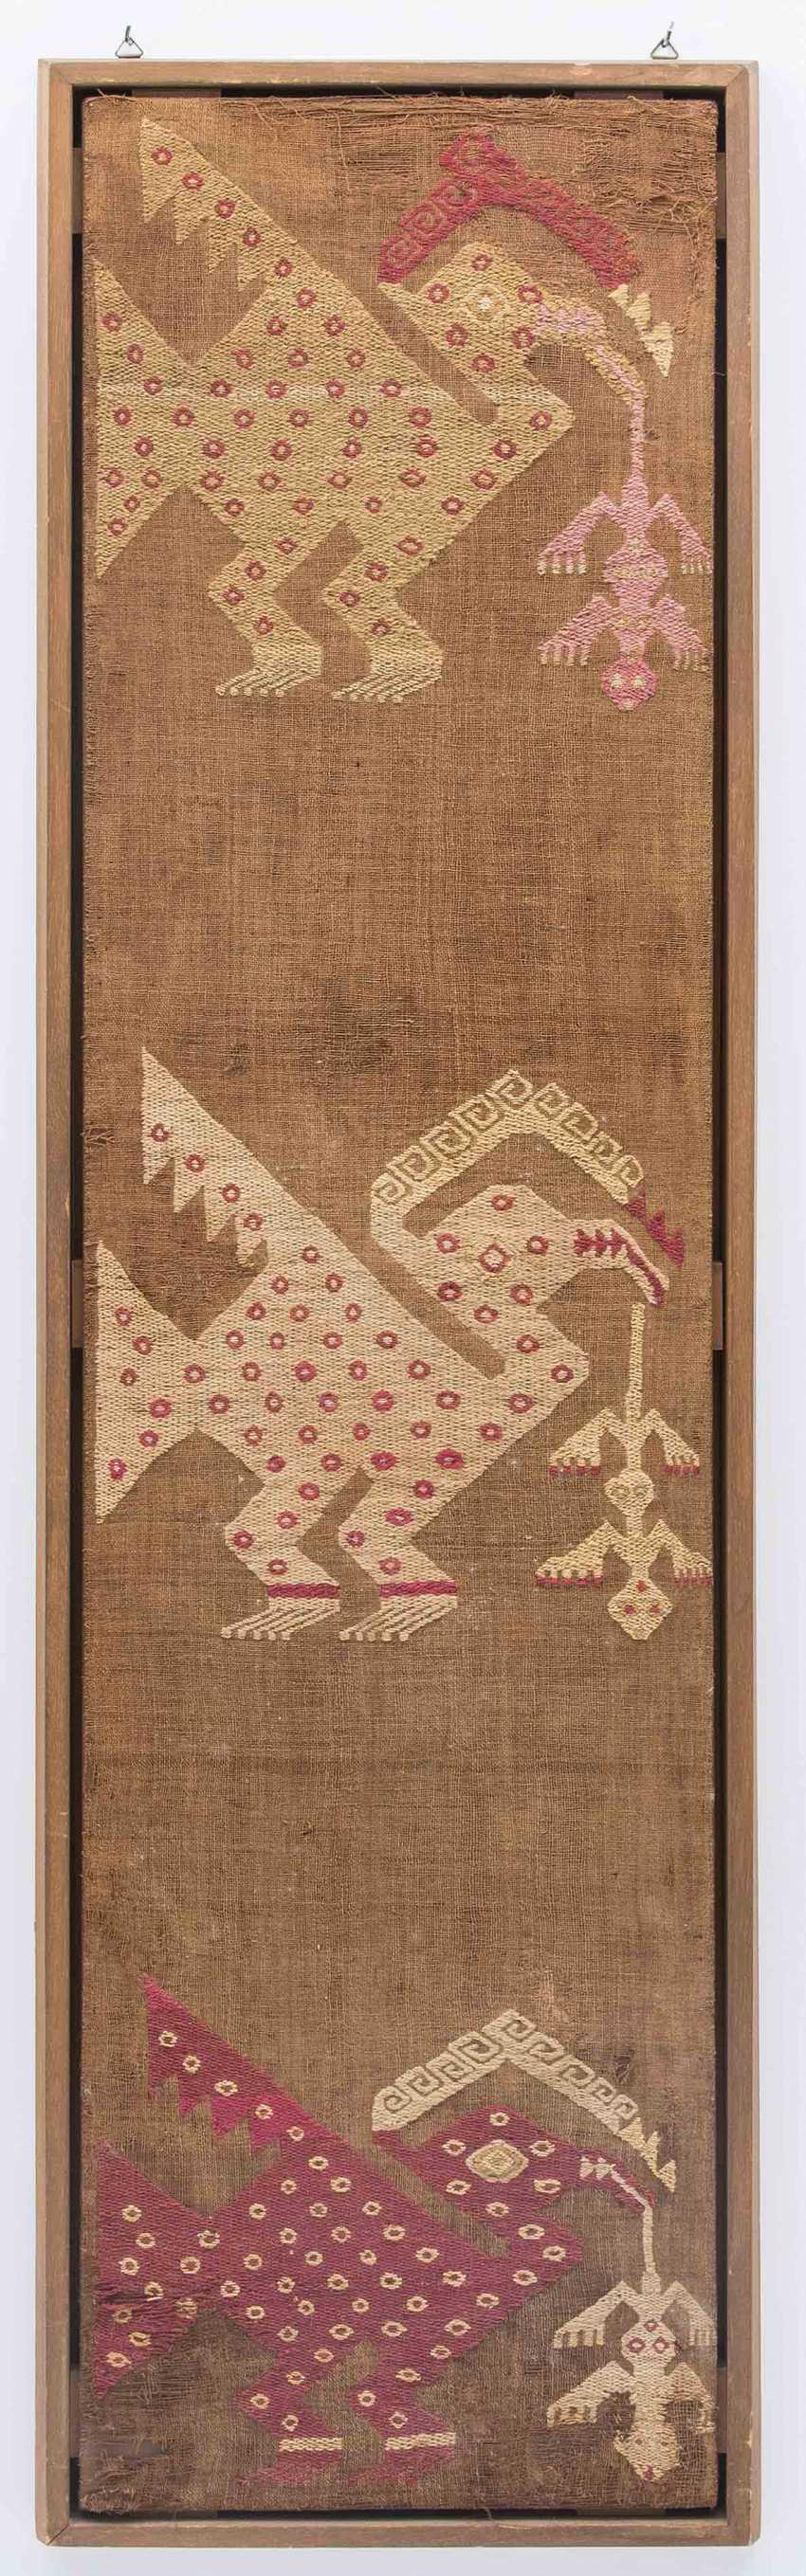 Textile fragment - photo 2